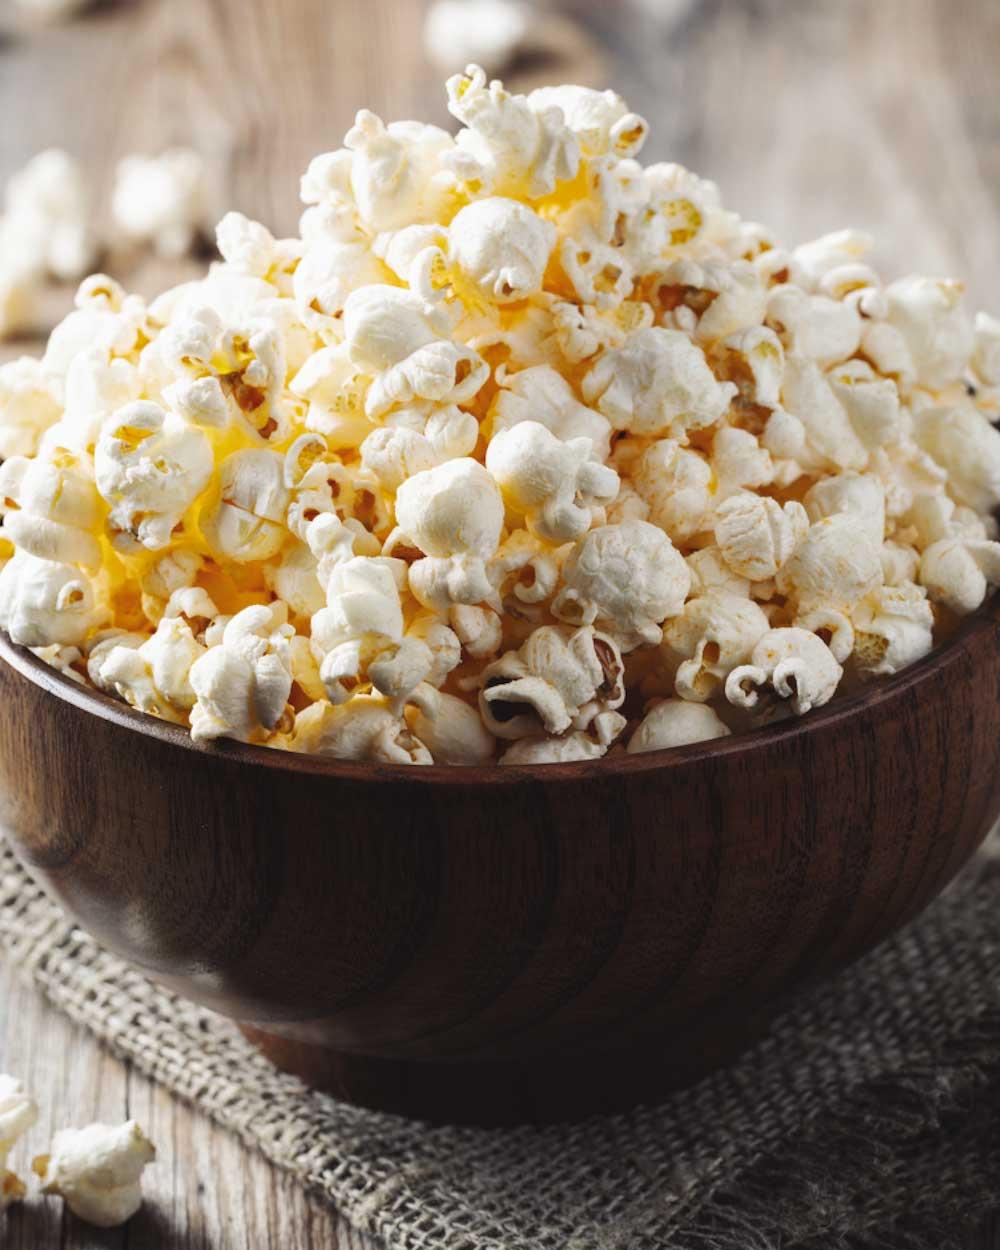 Parmesan-Garlic Popcorn